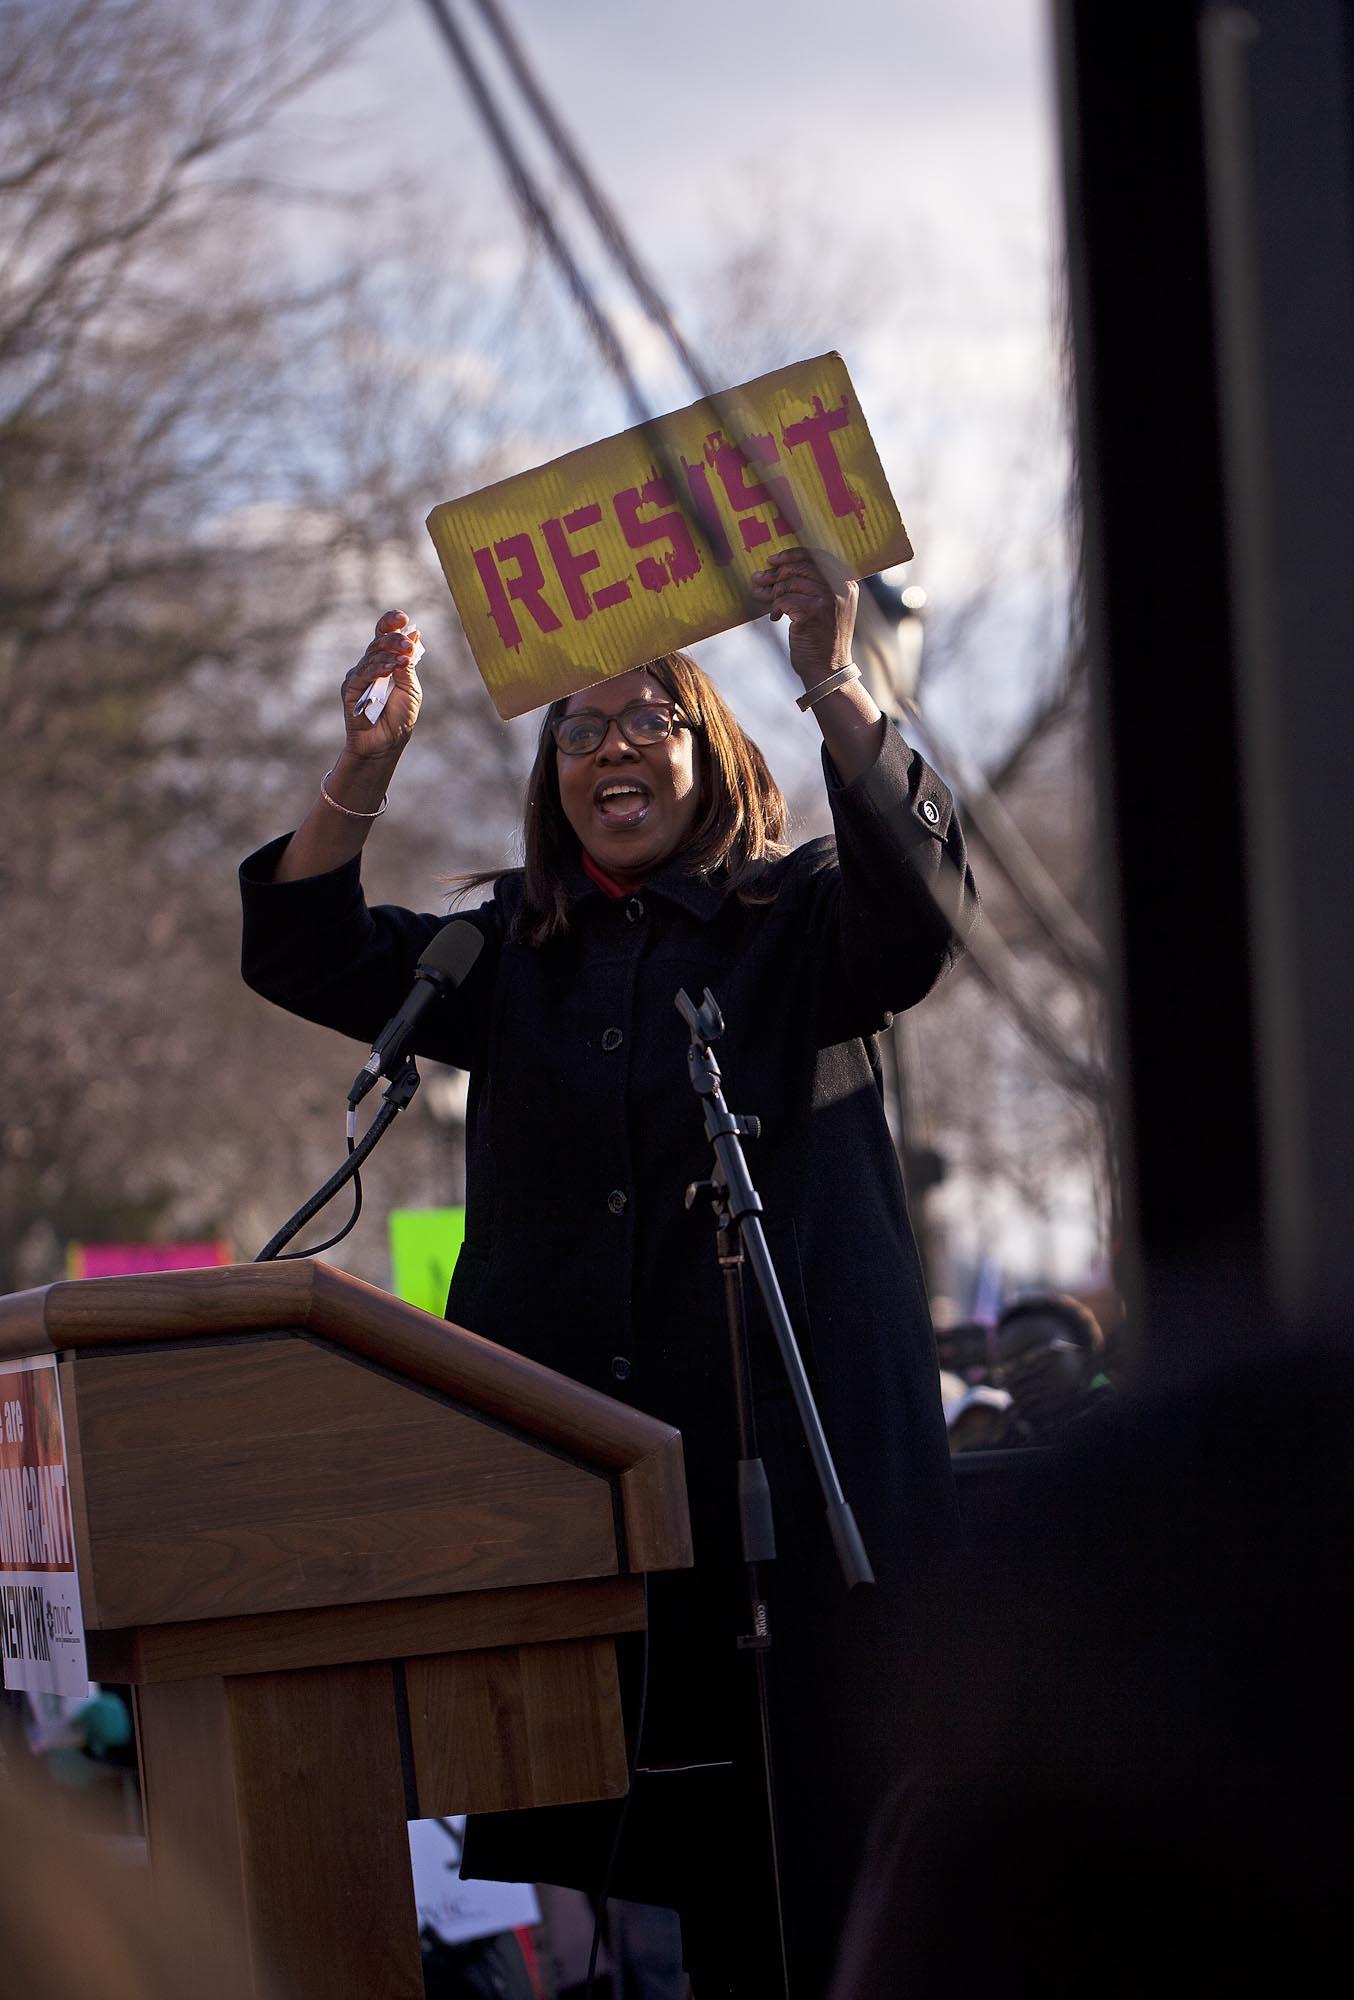 01.29.17: Letitia James, Public Advocate, Battery Park, Manhattan